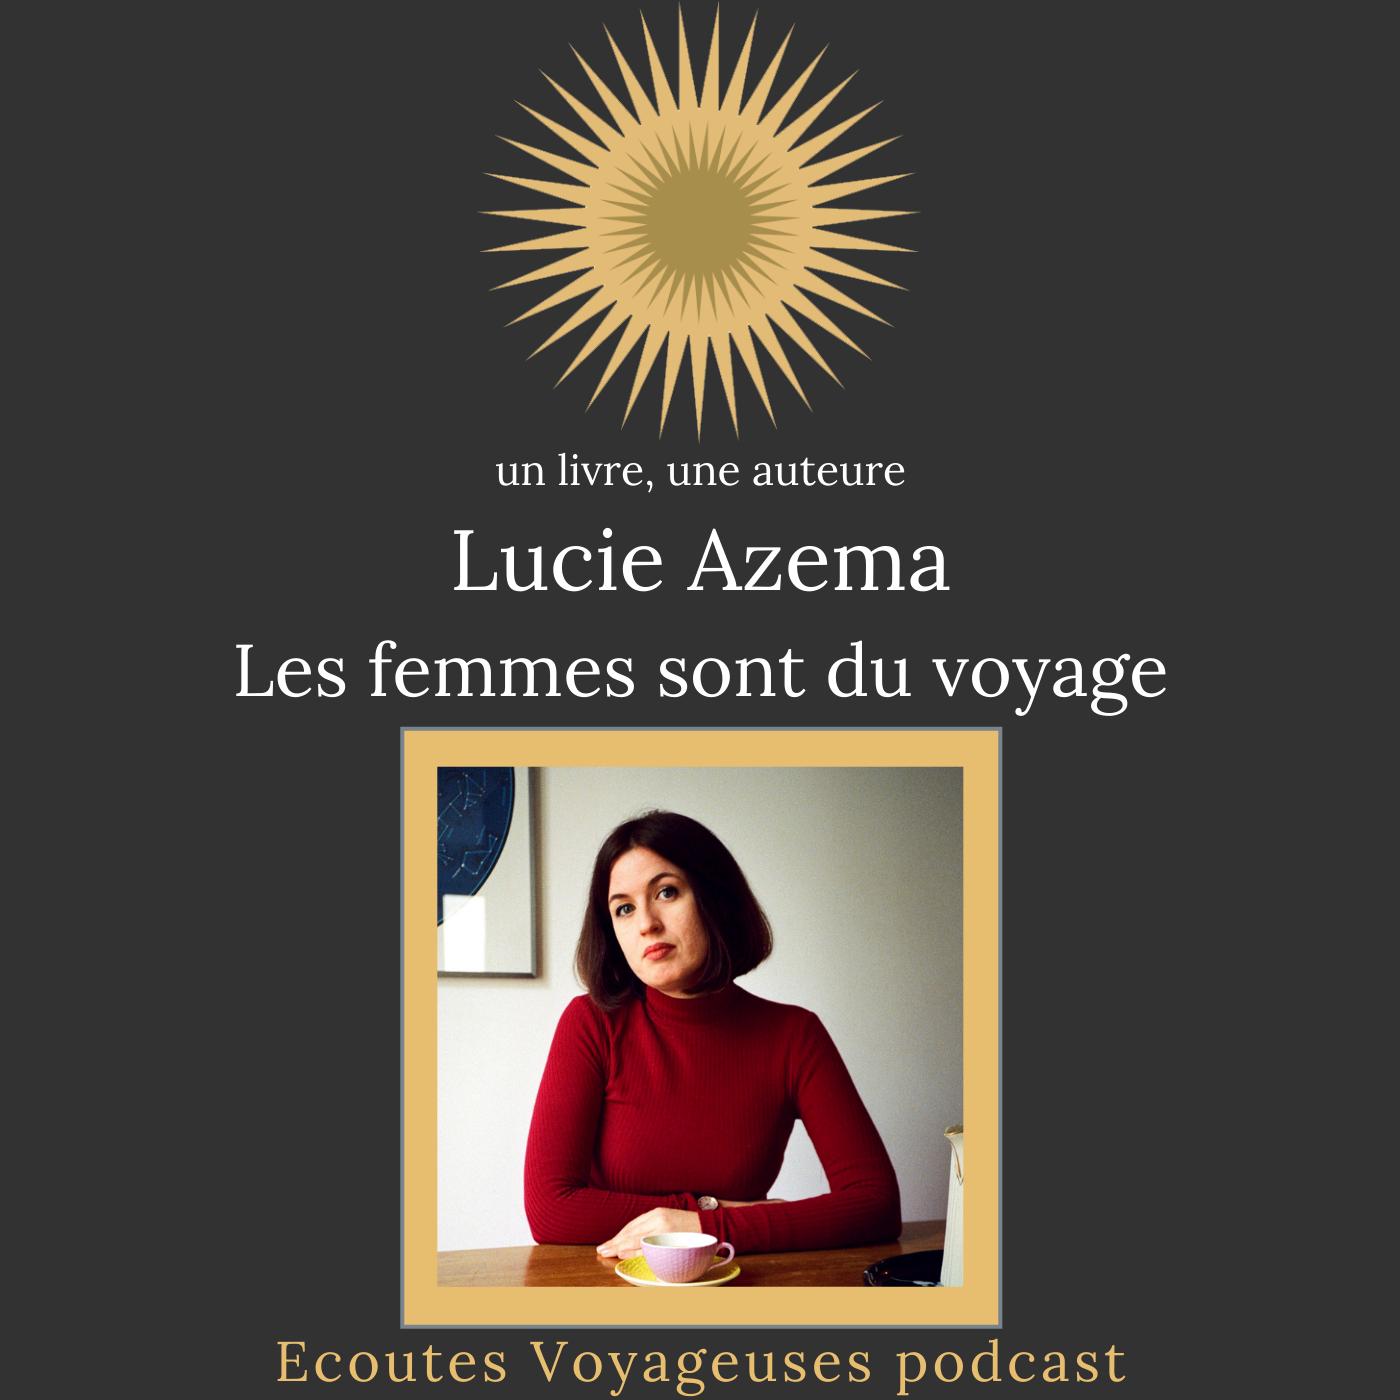 Lucie Azema, les femmes aussi sont du voyage